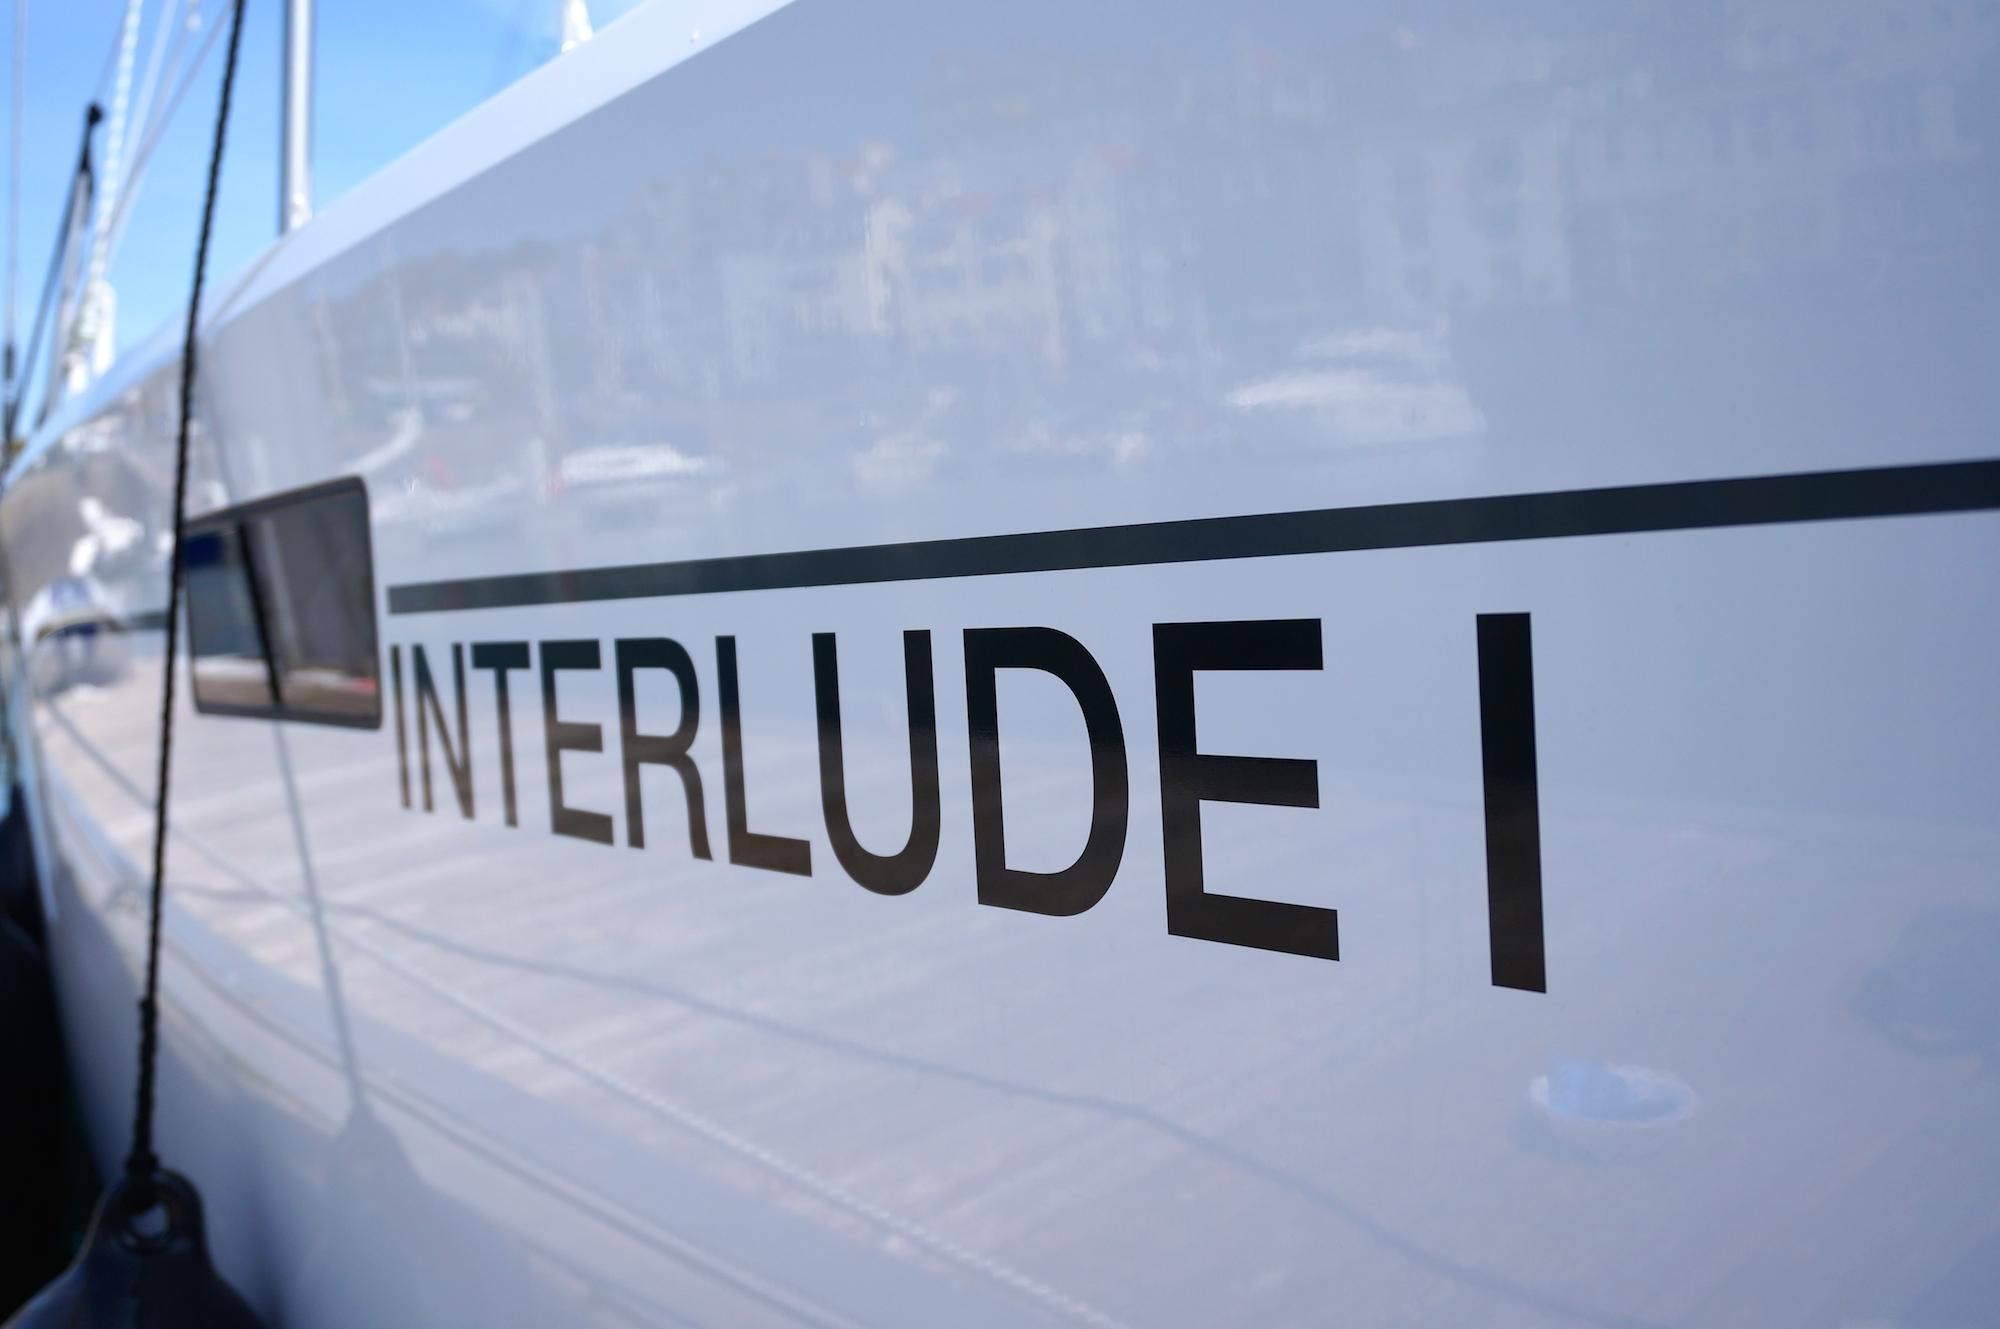 Interlude I